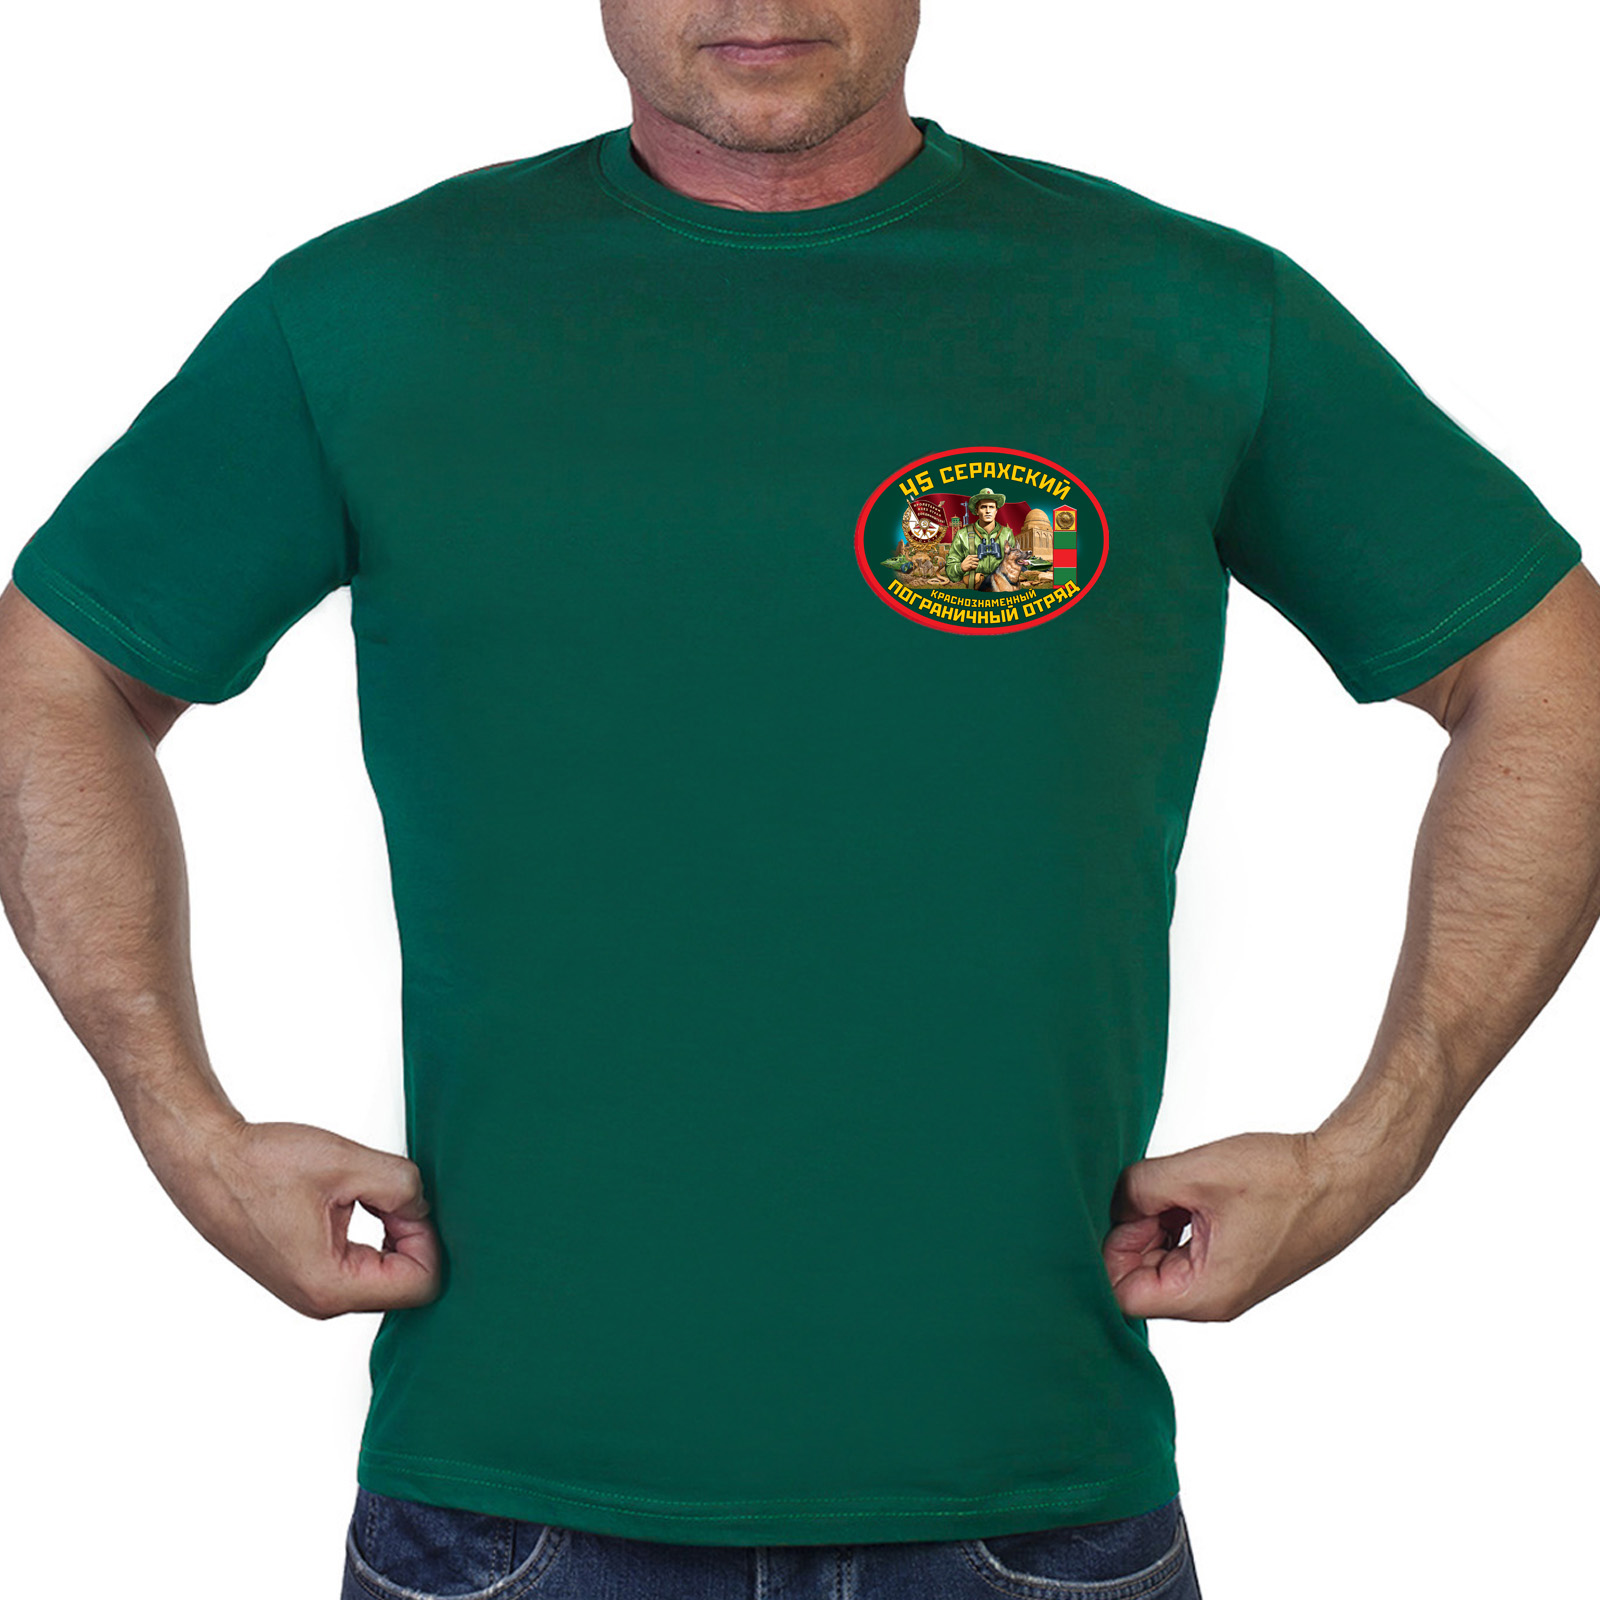 Зелёная футболка 45 Серахский погранотряд